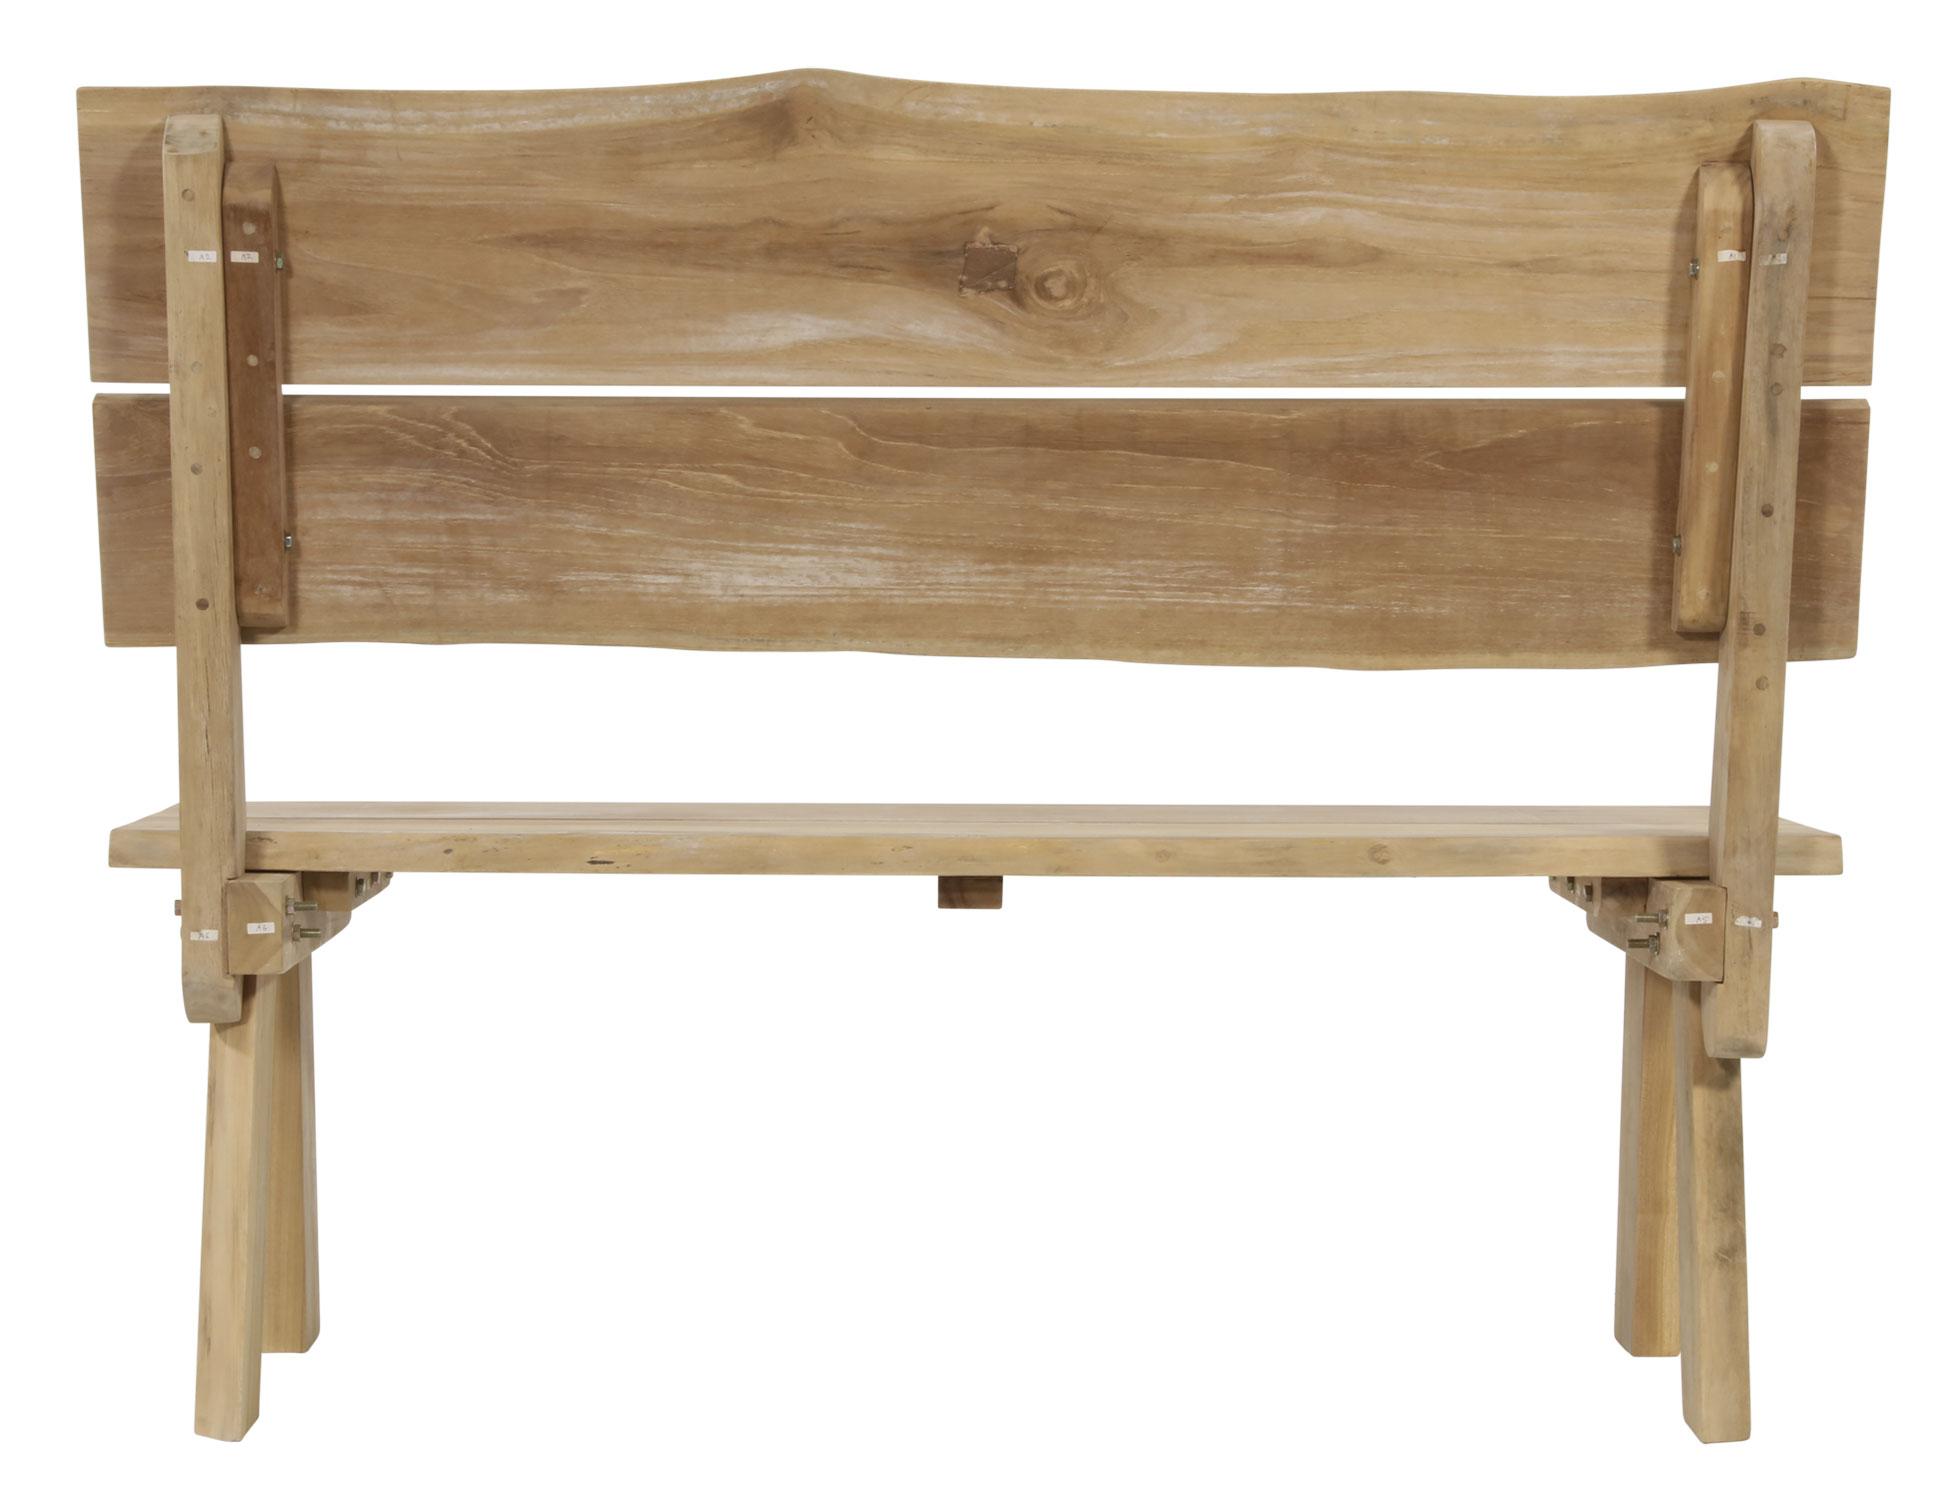 Gartenbank Baumstamm Lesli  Living 2-Sitzer Teakholz 130cm Bild 2